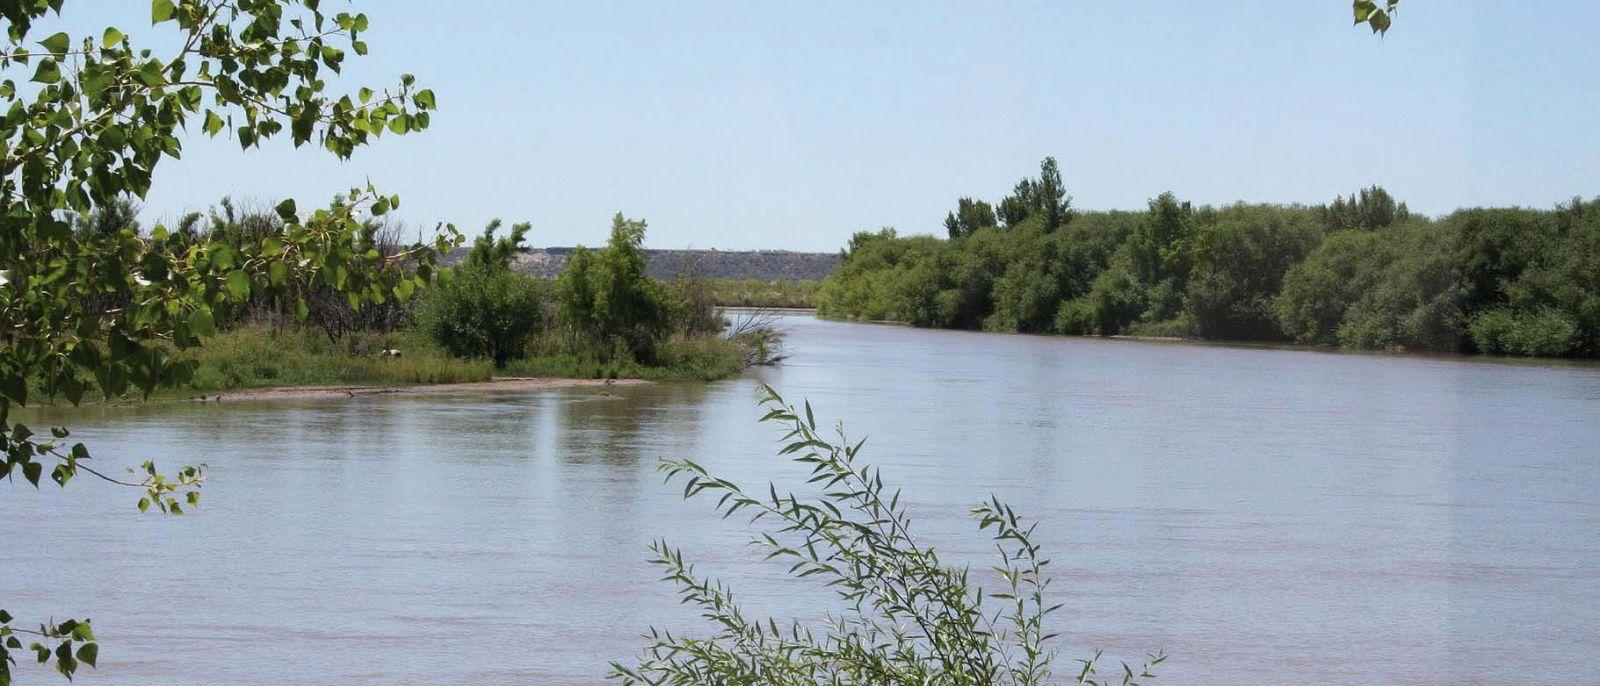 Una represa mendocina afectaría el caudal del río Colorado